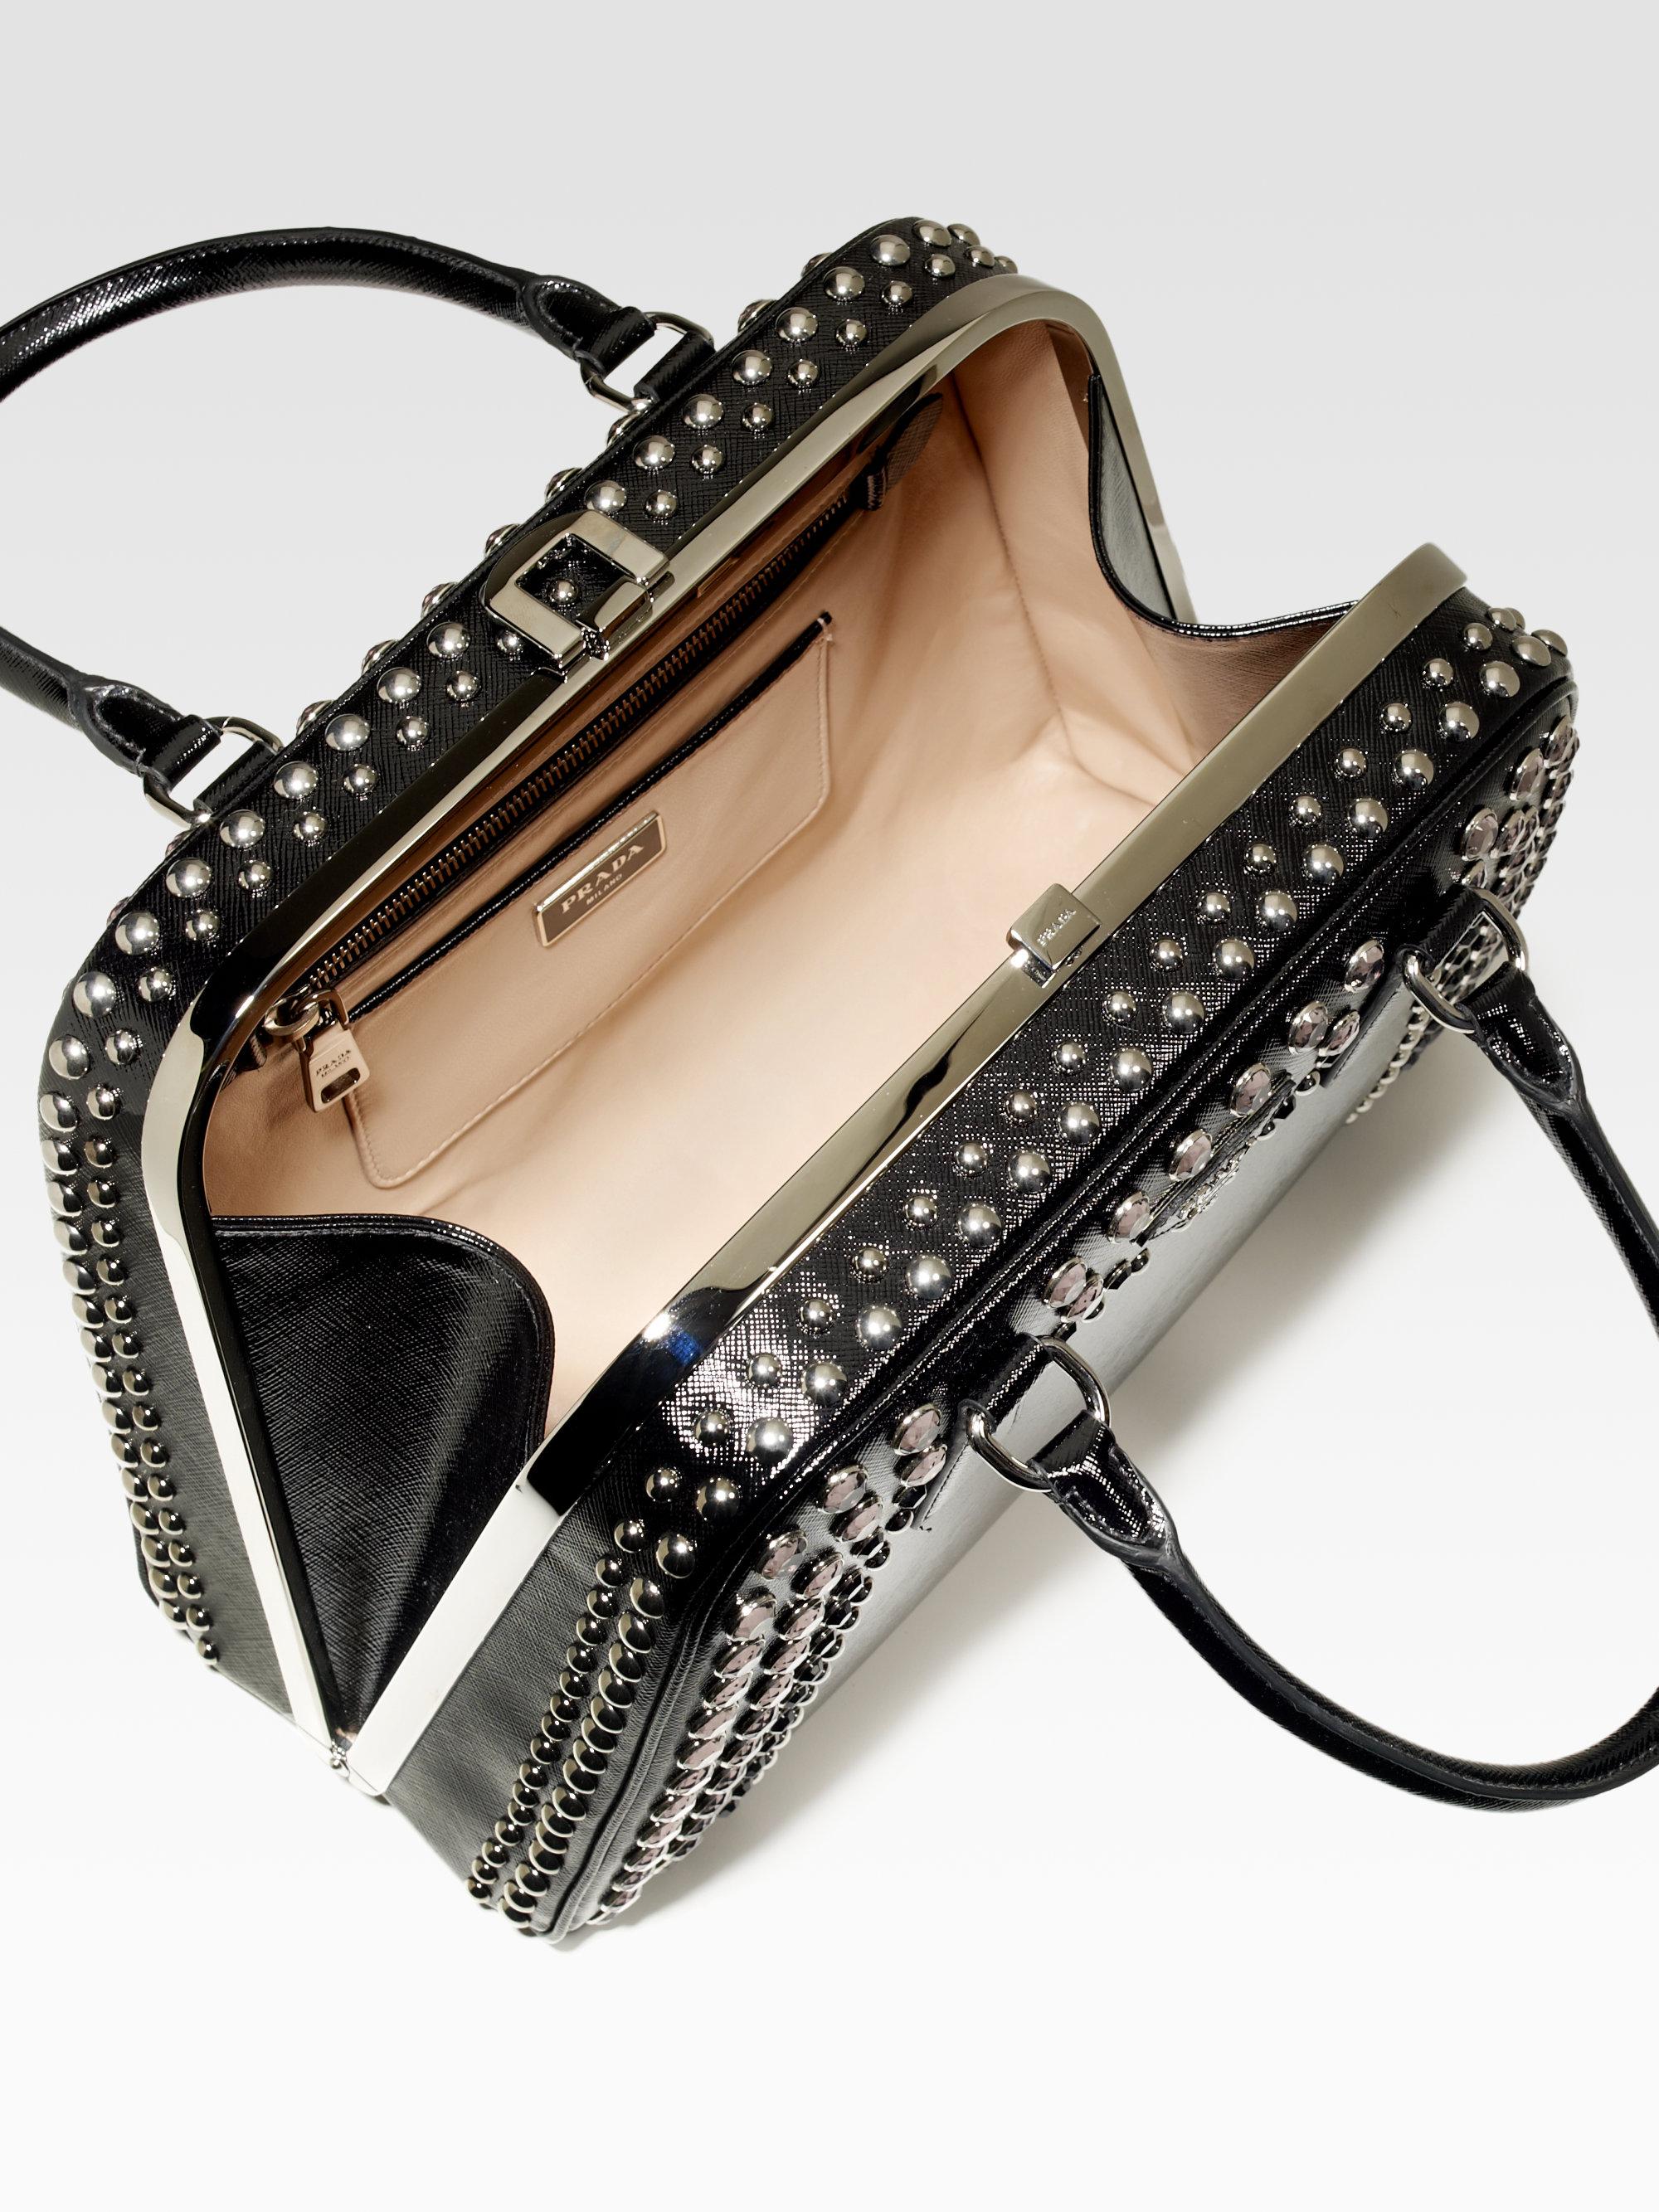 Prada Embellished Frame Top Handle Bag in Black | Lyst